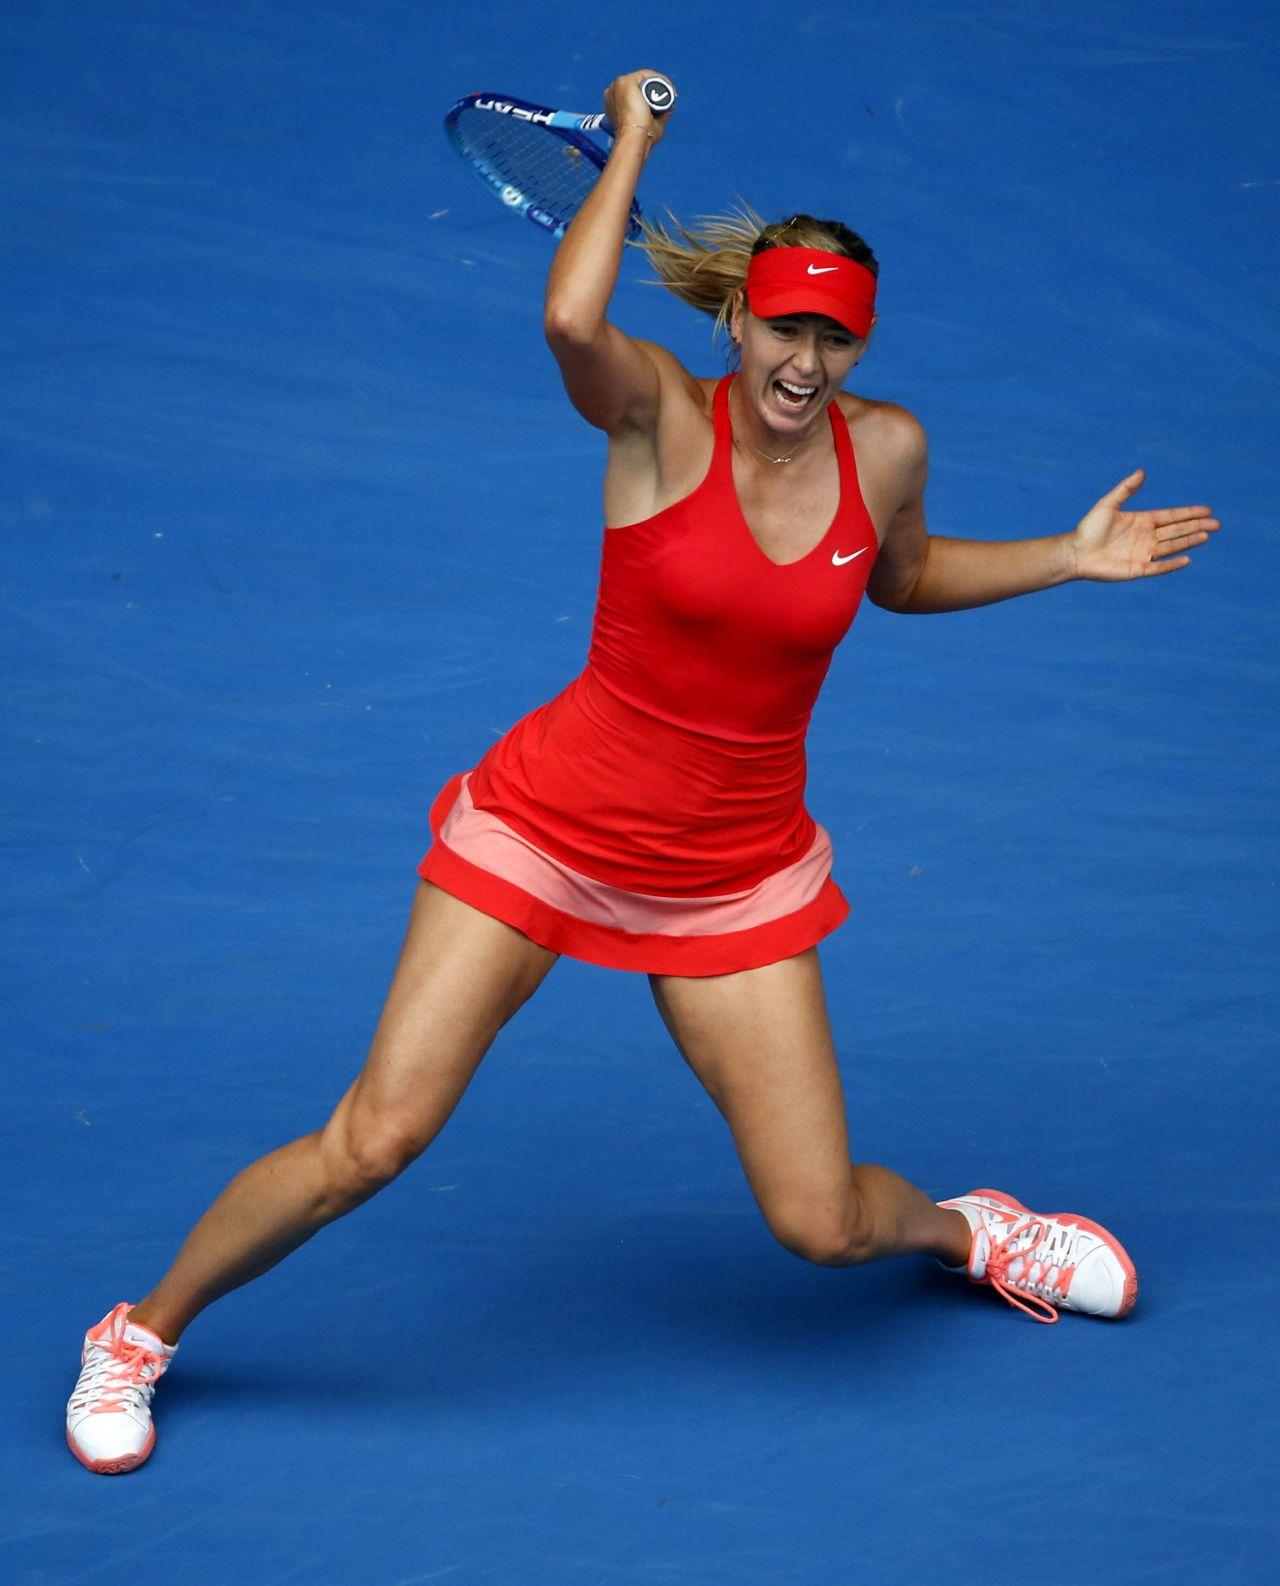 2015: 2015 Australian Open In Melbourne